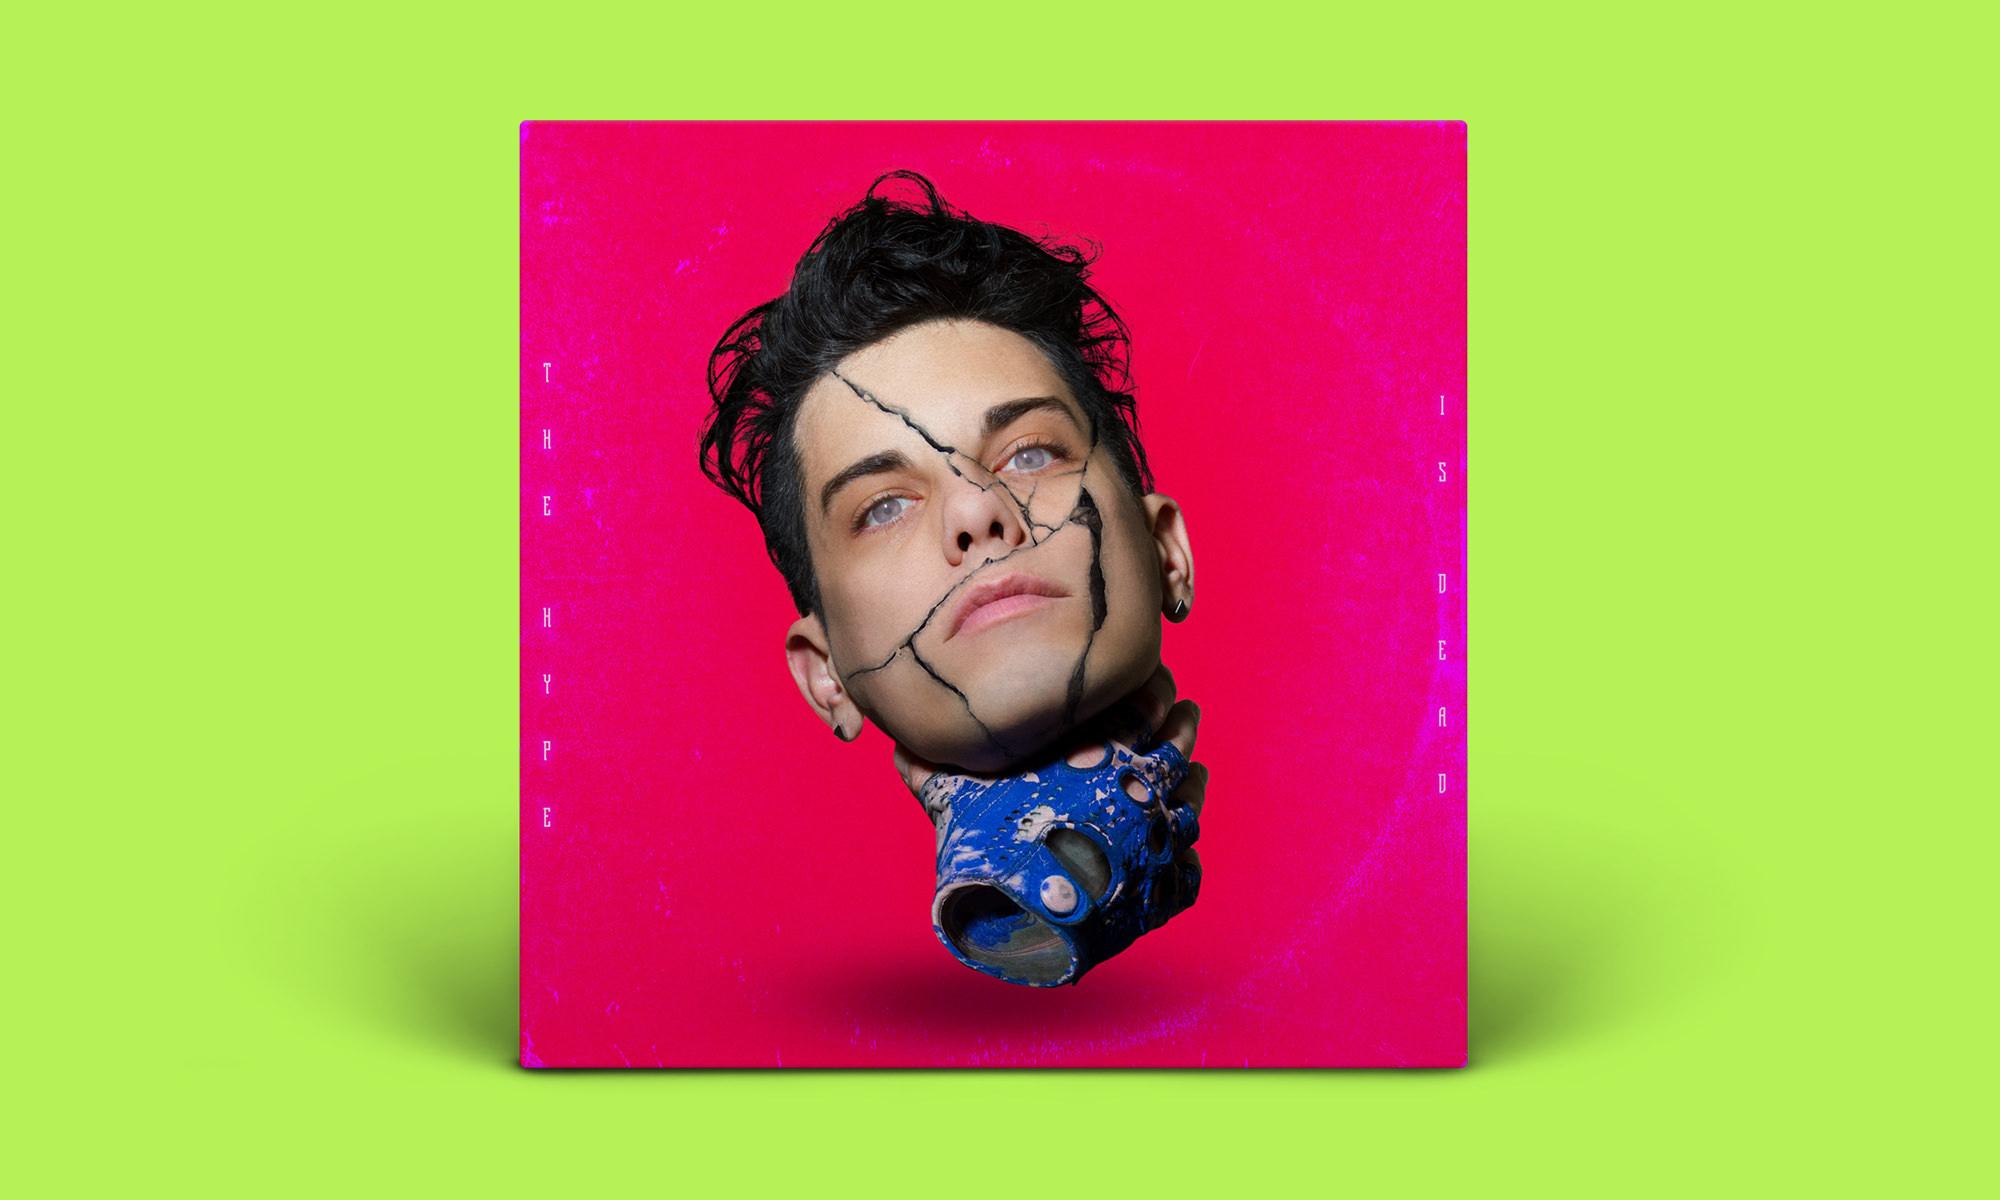 vesperteen-the-hype-is-dead-album-cover.jpg